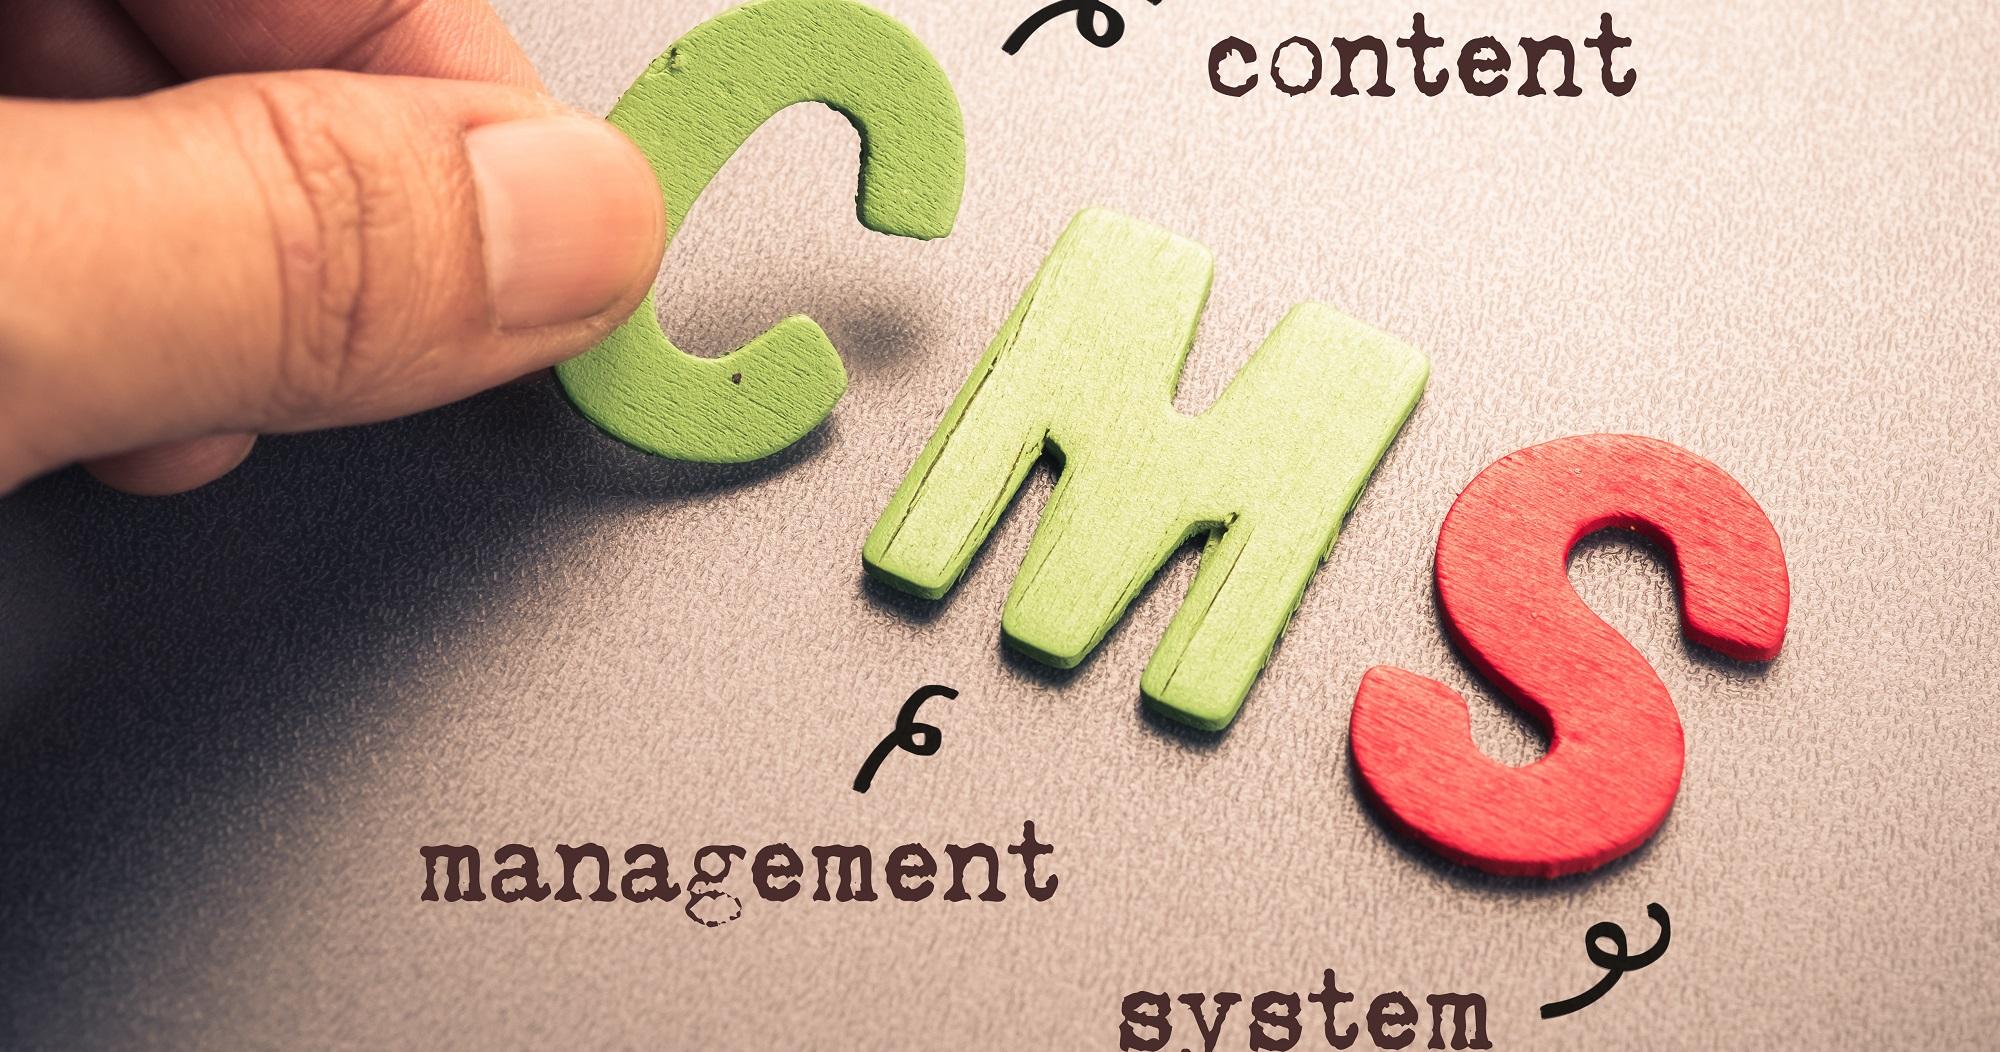 【2021年版】CMSツールっていっぱいあるけど、どれが一番良いの?無料・有料、目的別のおすすめCMSを一覧でご紹介!